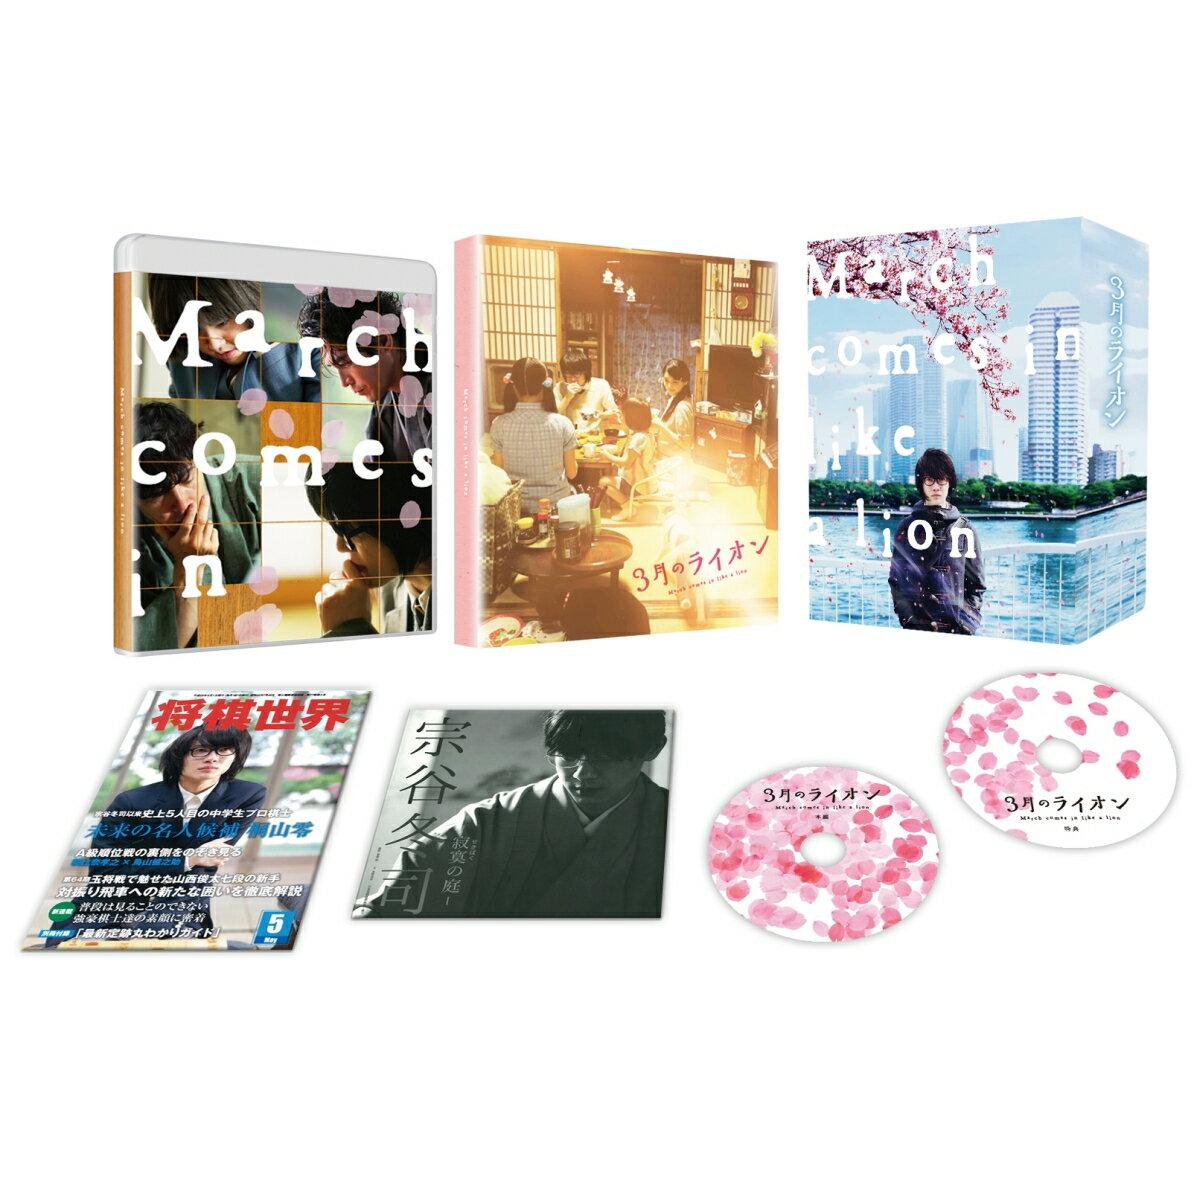 3月のライオン[前編] DVD 豪華版(DVD2枚組)画像